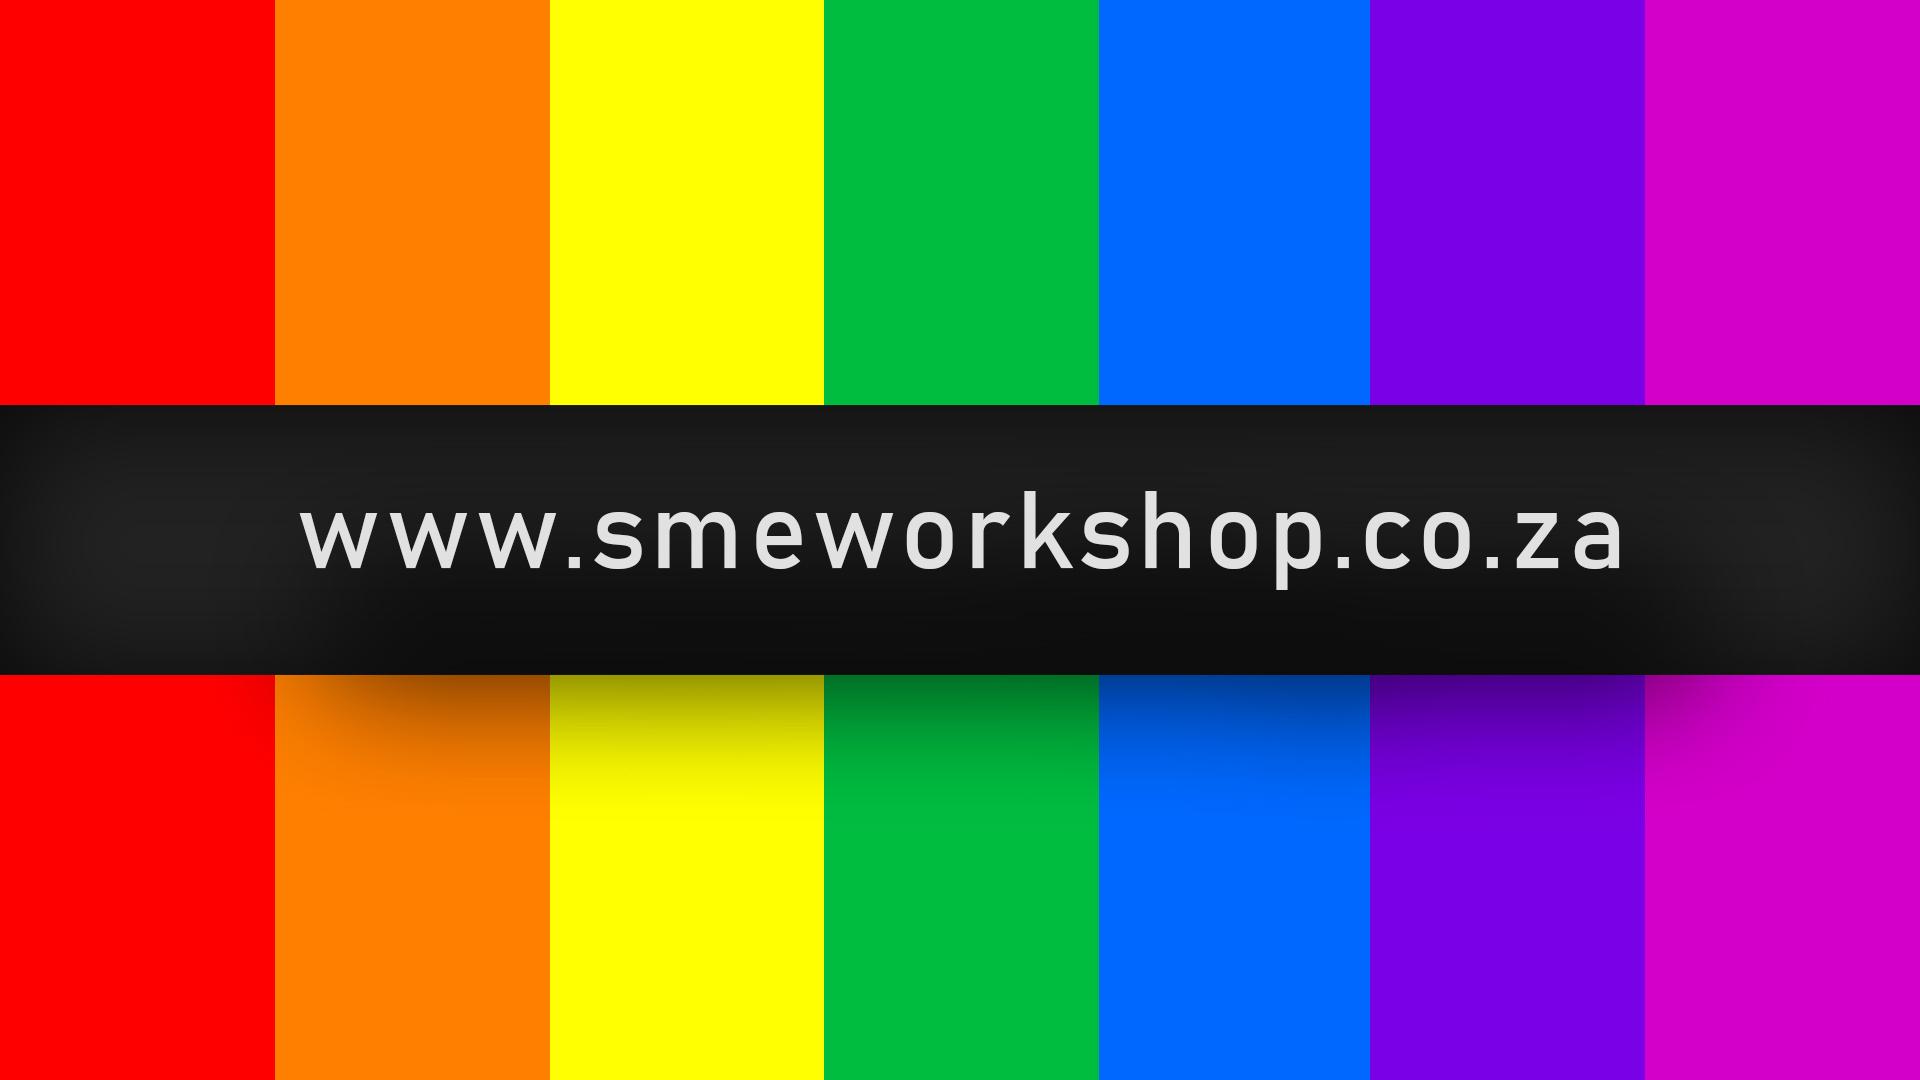 SME Digital Marketing Workshop